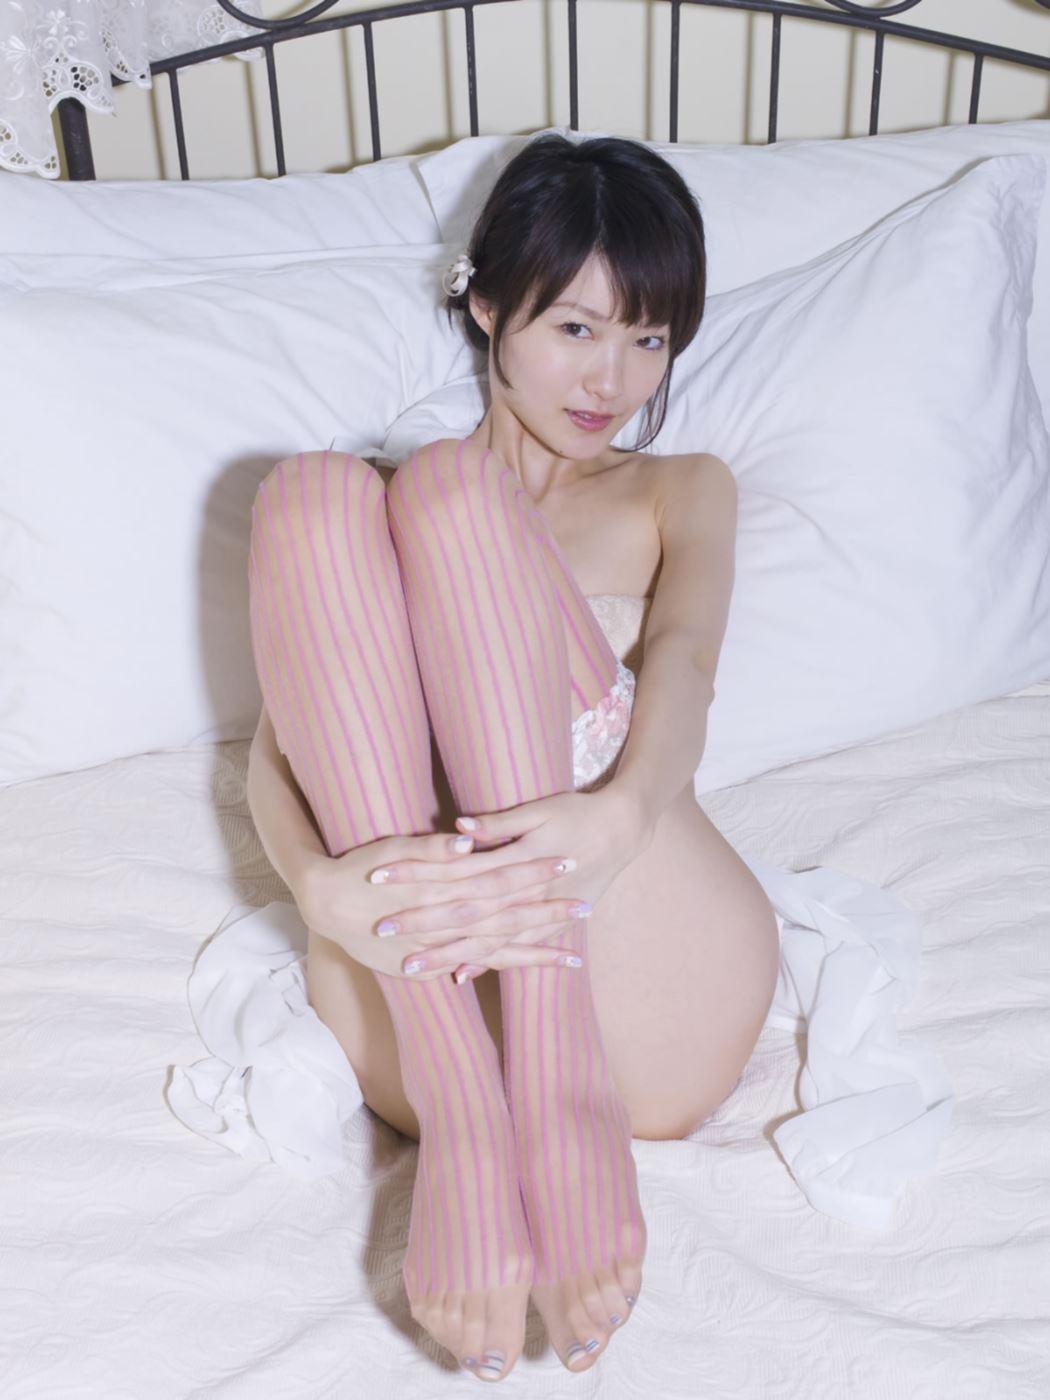 しほの涼 セクシーランジェリー画像 16